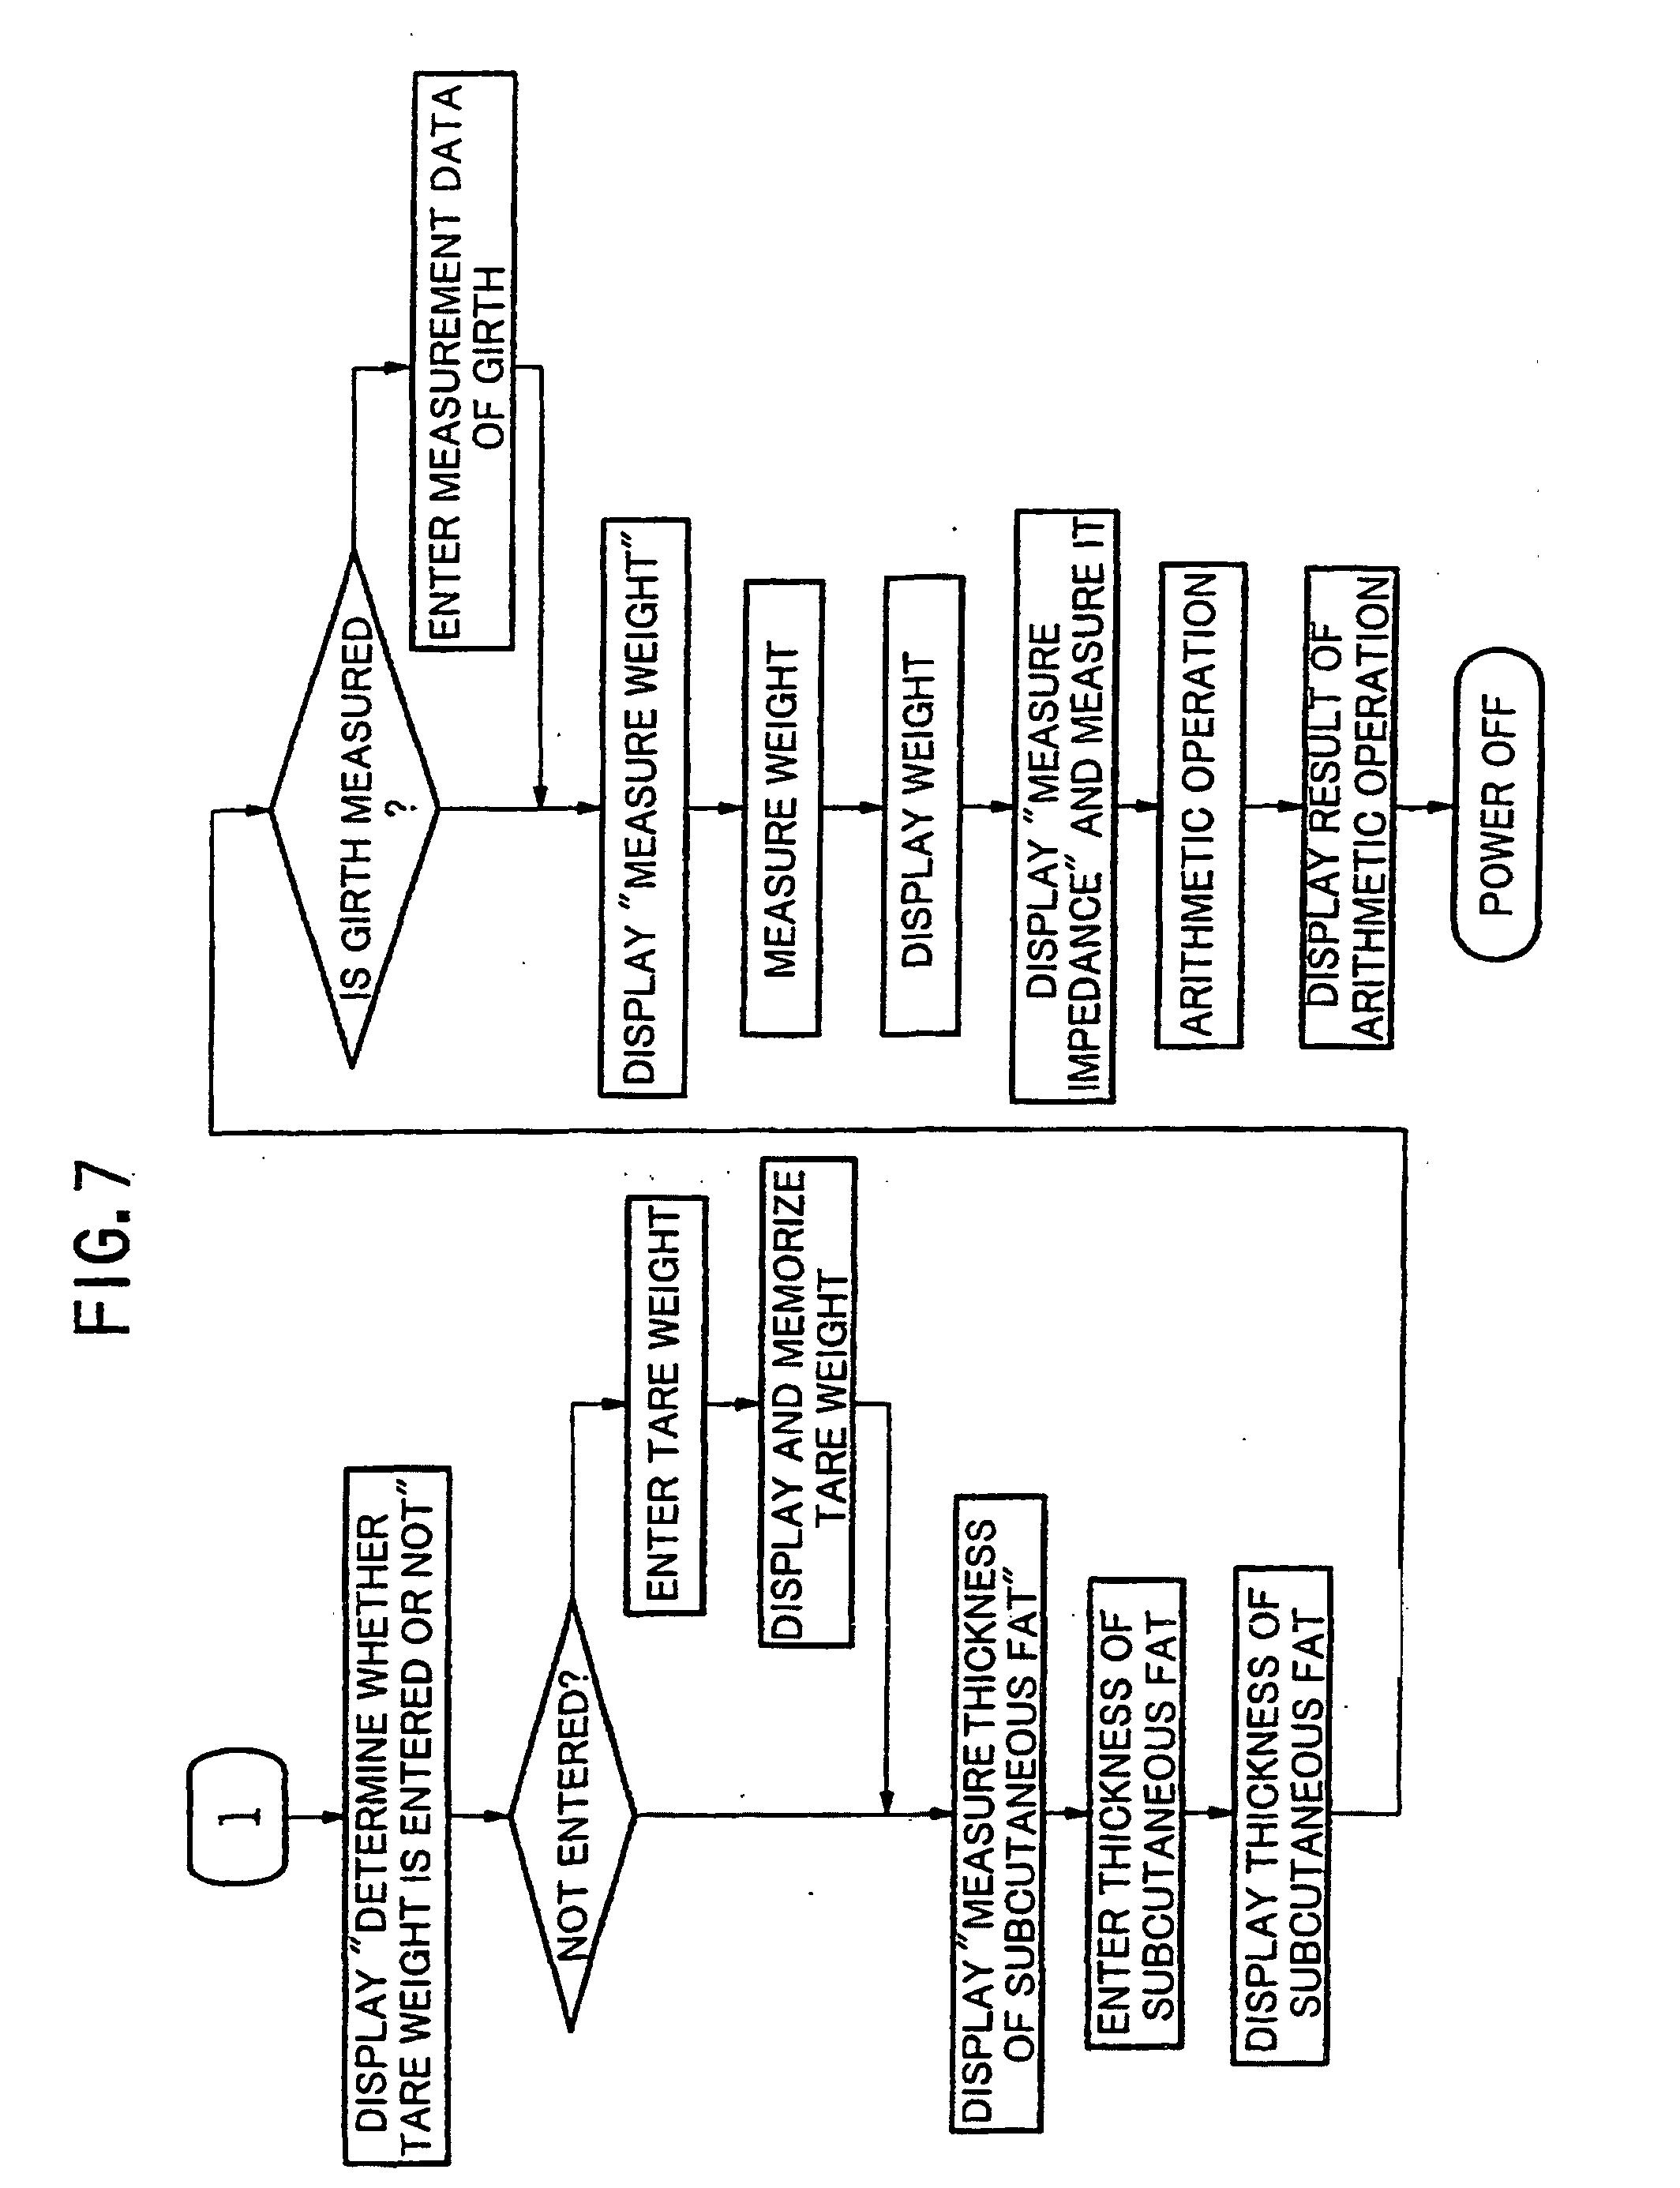 Körperfettgehalt Berechnen : patent ep1063500b9 verfahren und vorrichtung zur messung der verteilung von k rperfettgehalt ~ Themetempest.com Abrechnung